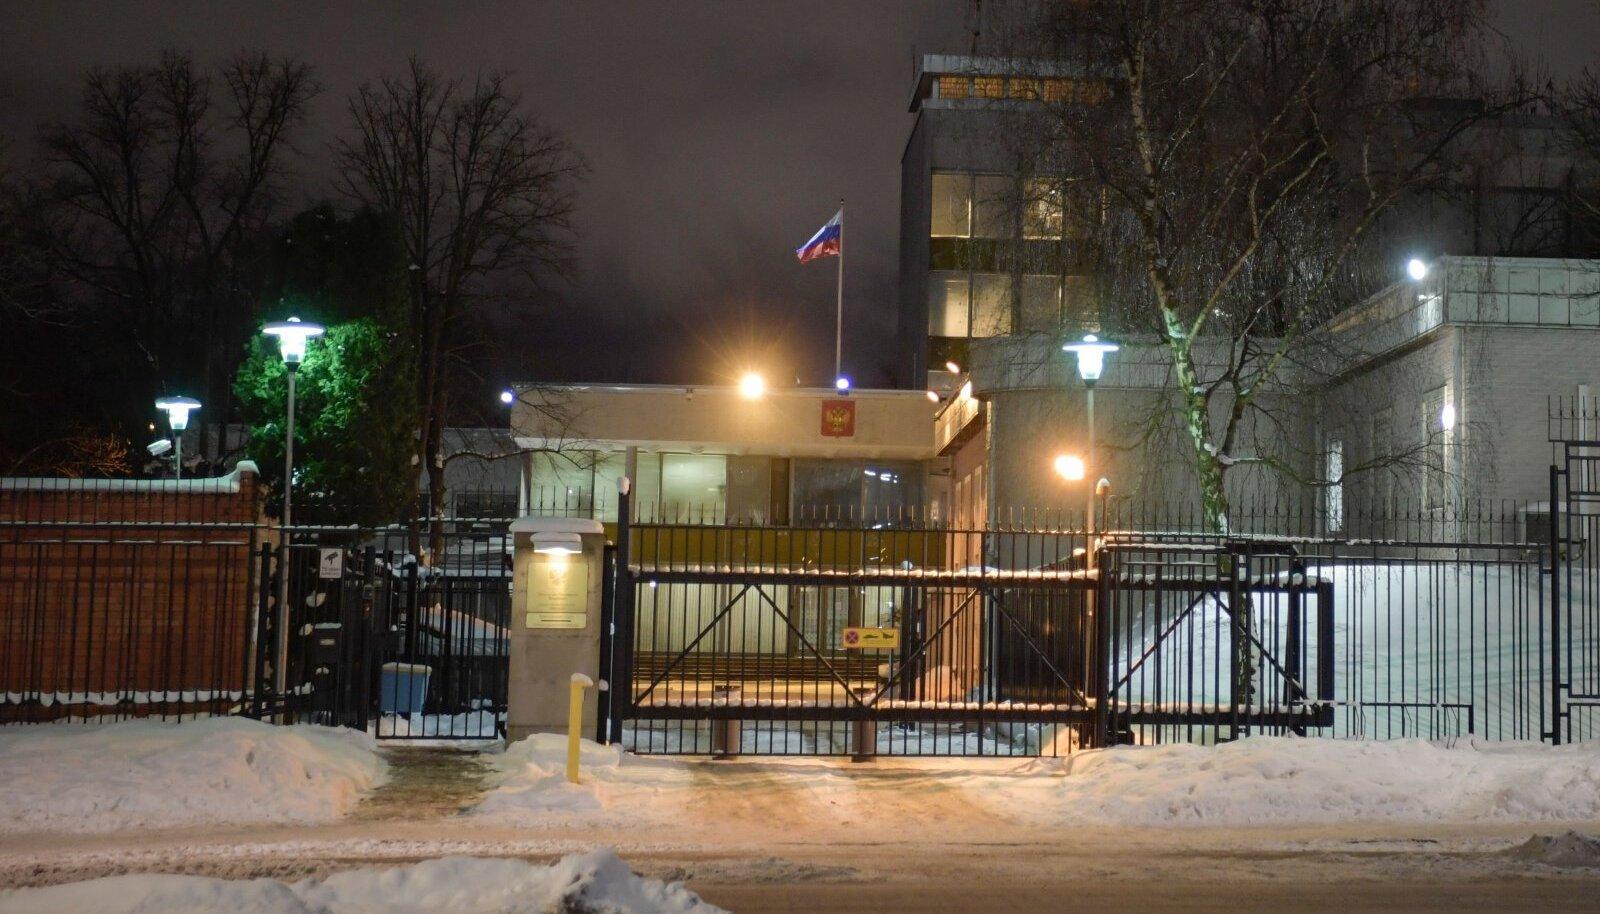 Venemaa saatkond Stockholmis